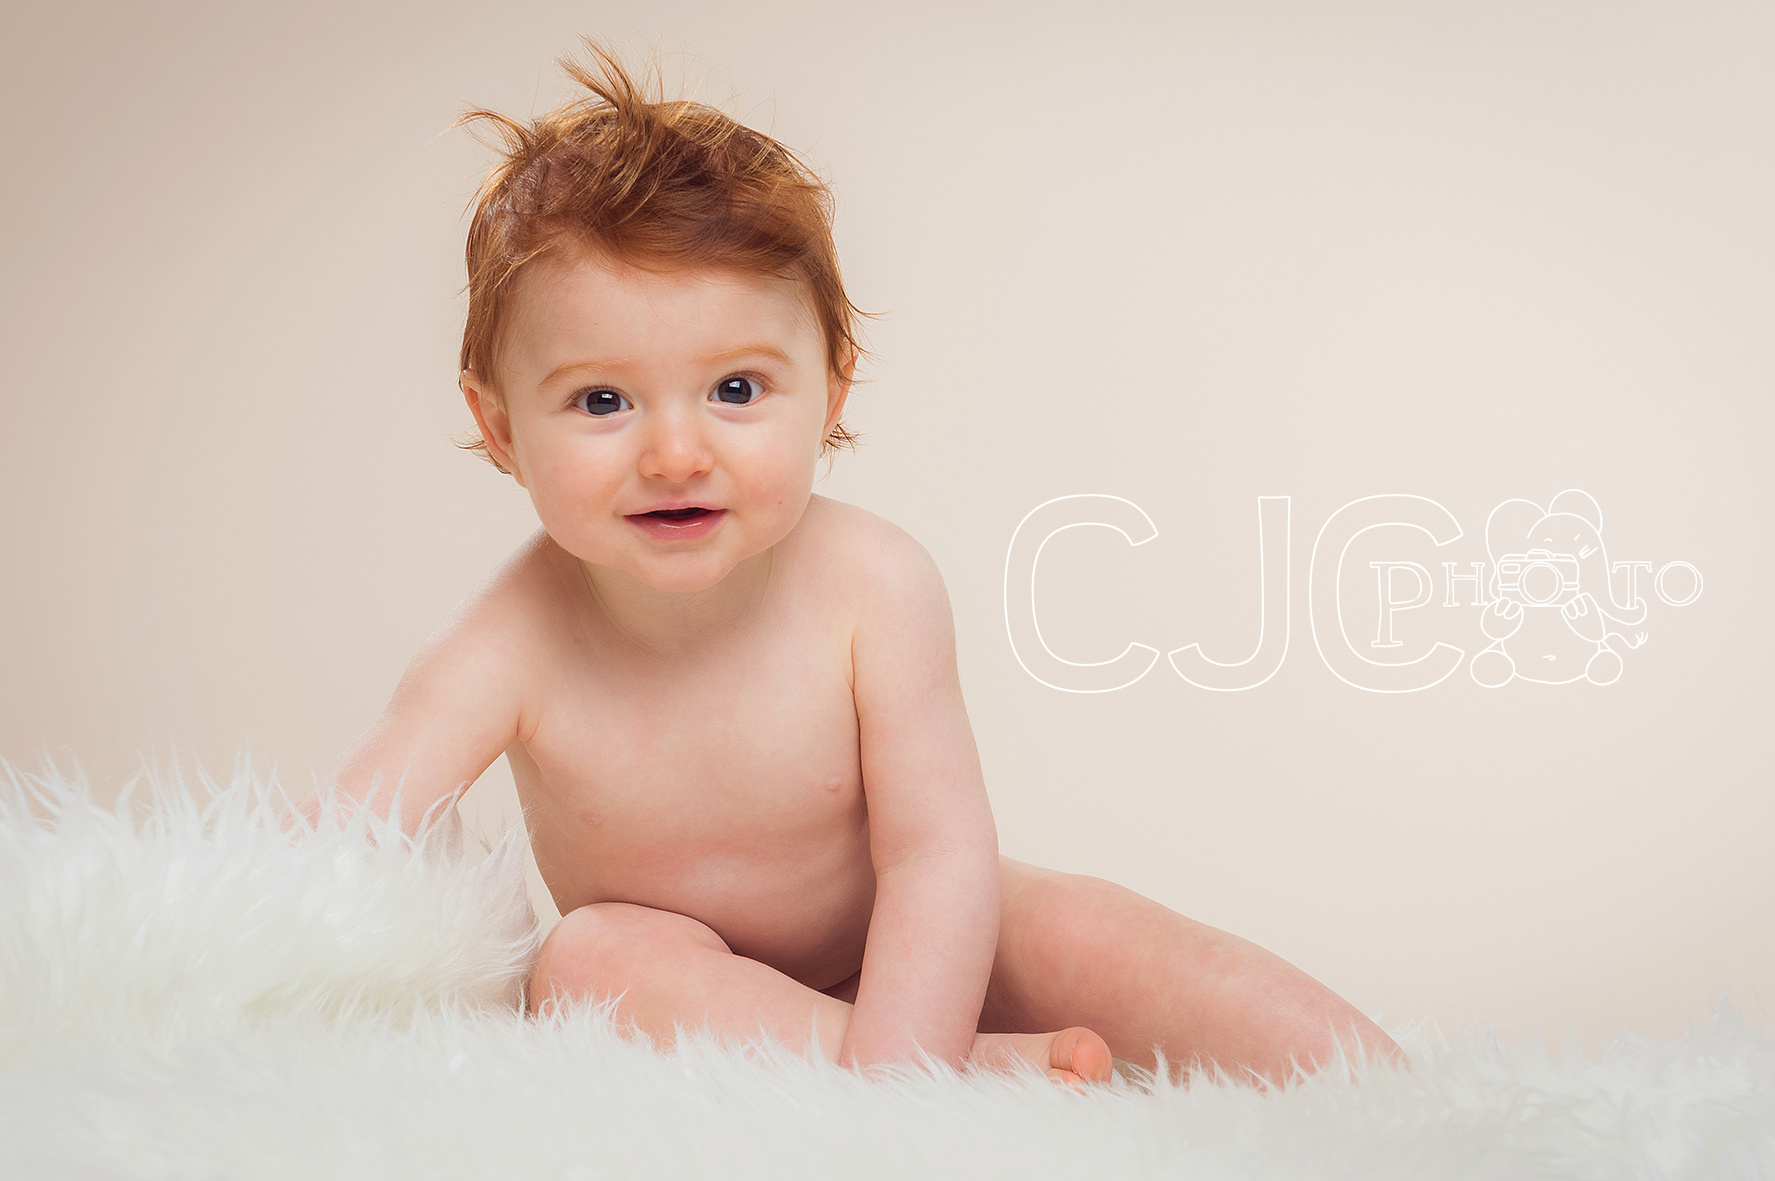 CJC Photo